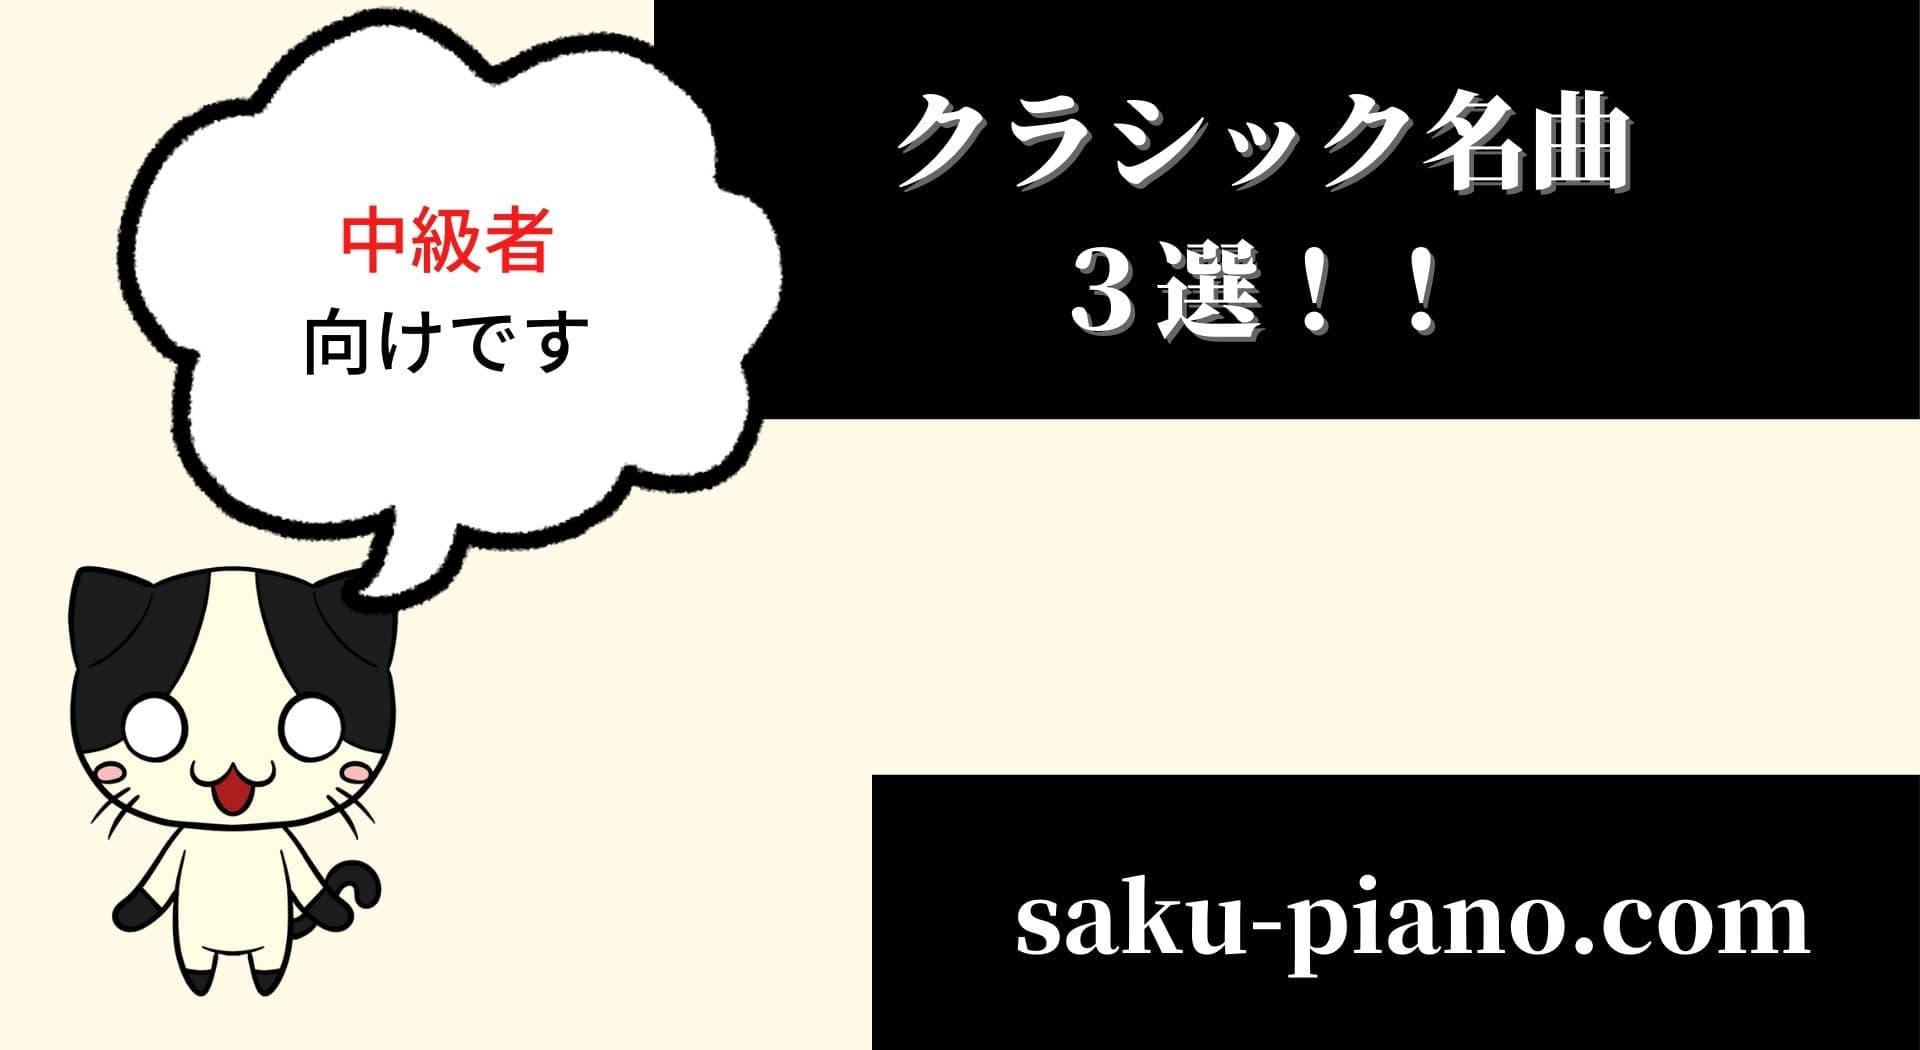 「ピアノ中級者にオススメの、クラシック名曲3選!【ちょい難】」のアイキャッチ画像